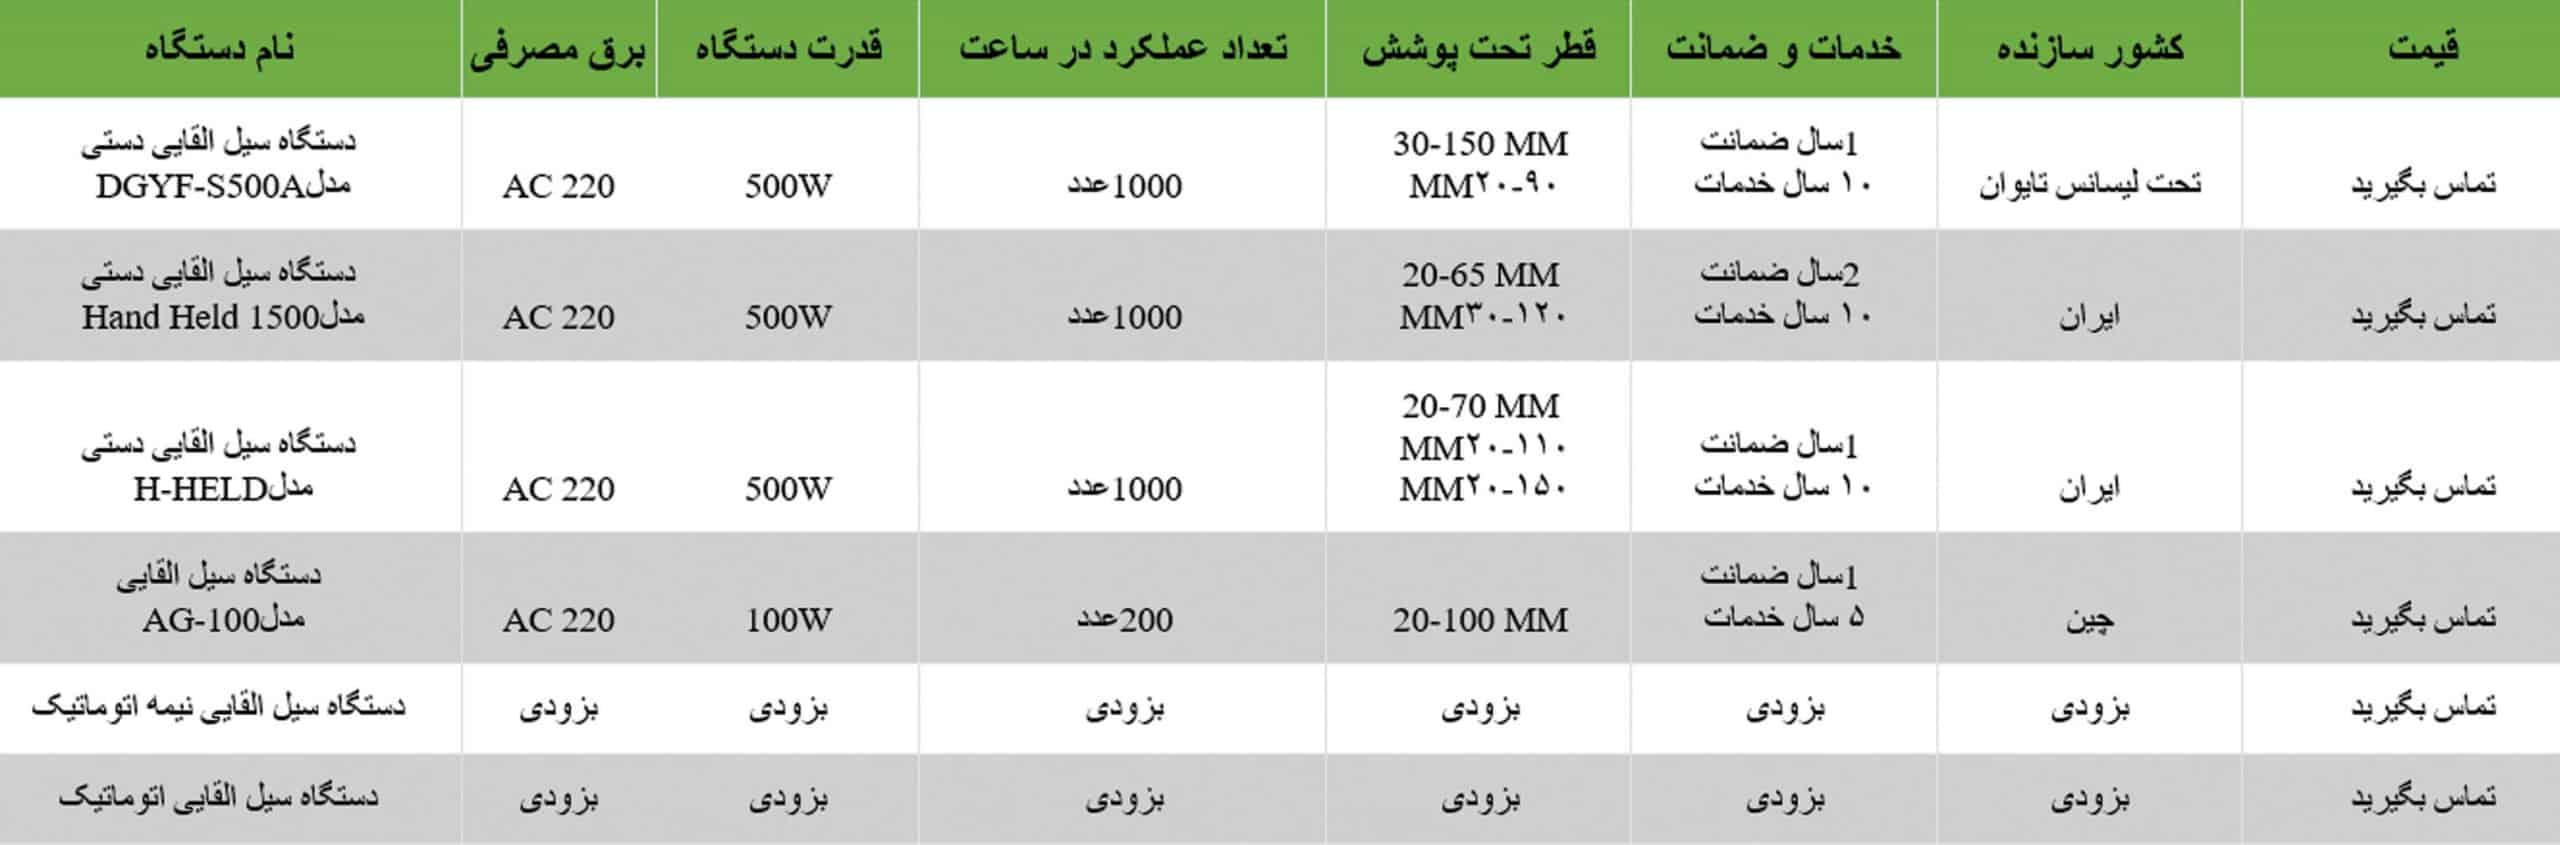 جدول مقایسه انواع دستگاه سیل القایی